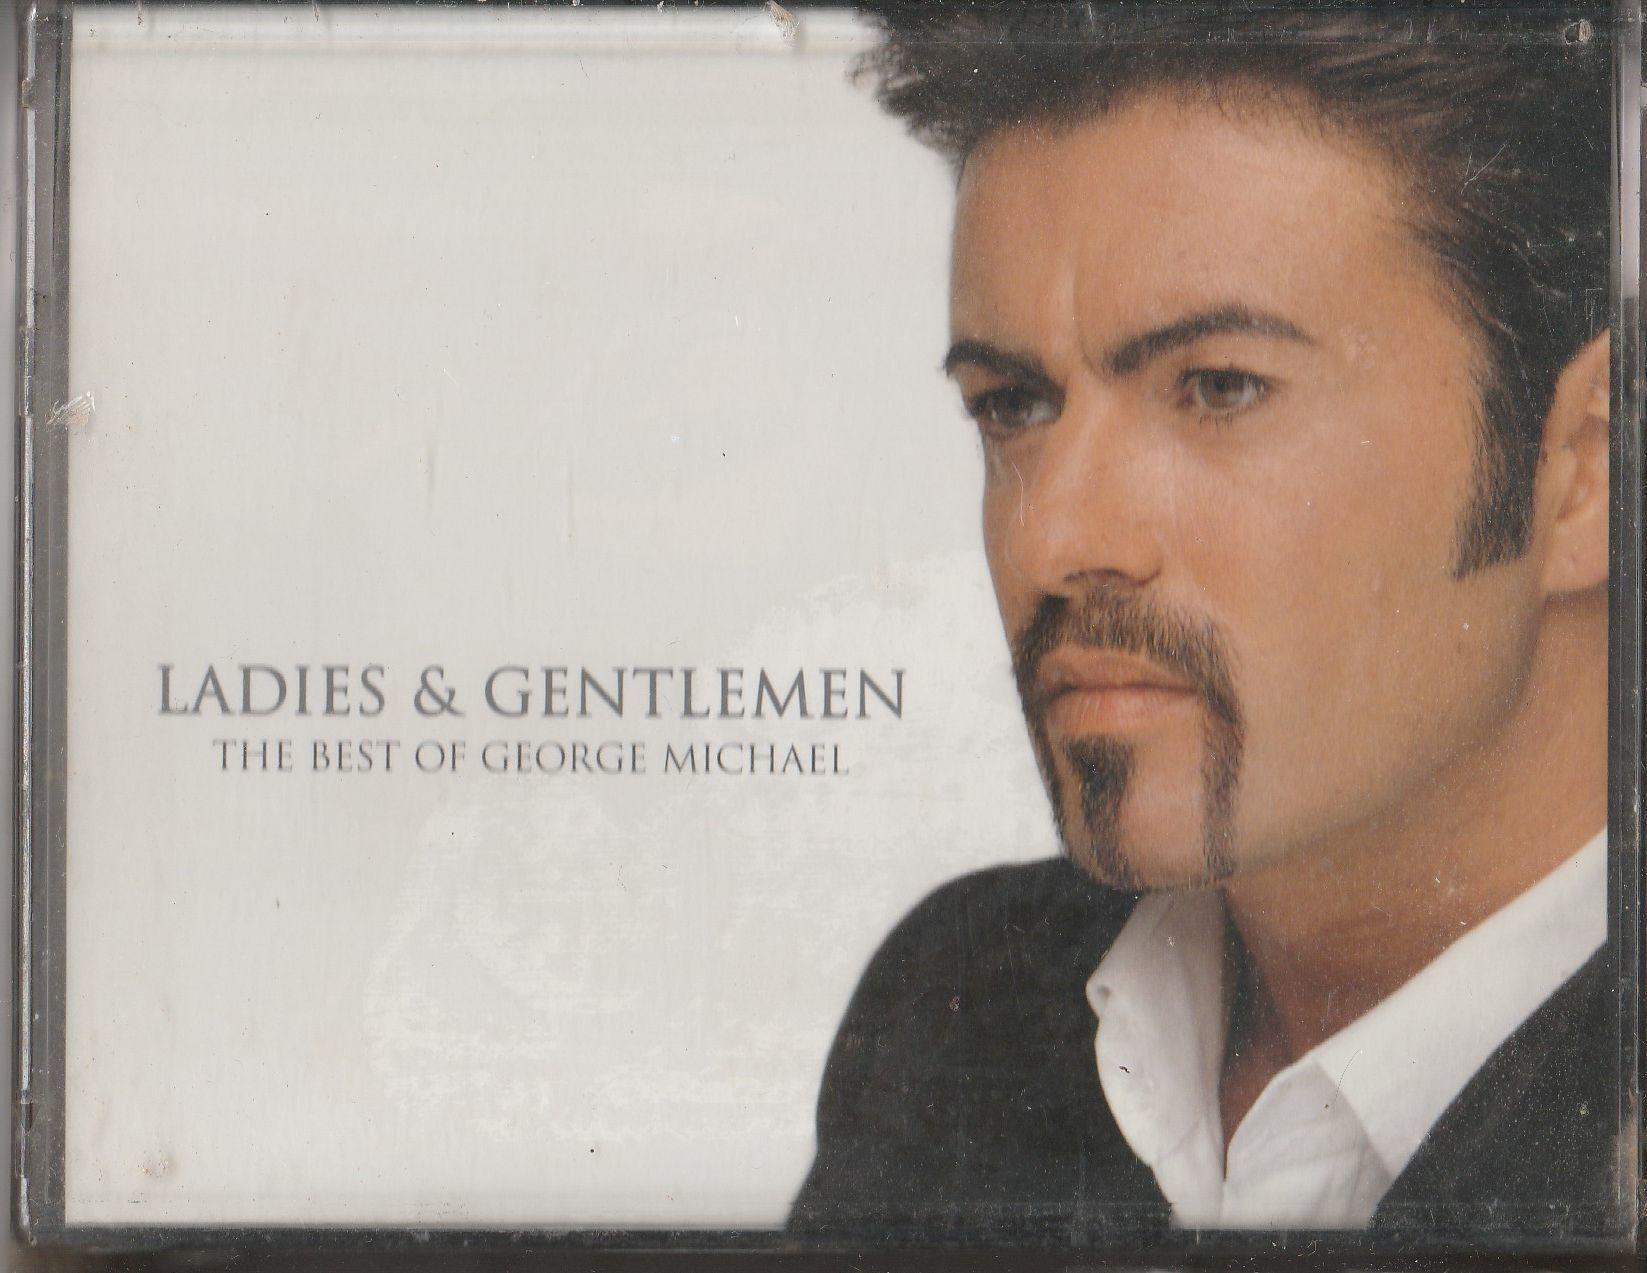 GEORGE MICHAEL Ladies & Gentlemen (The Best Of George Michael) 2-CASSETTE.jpg